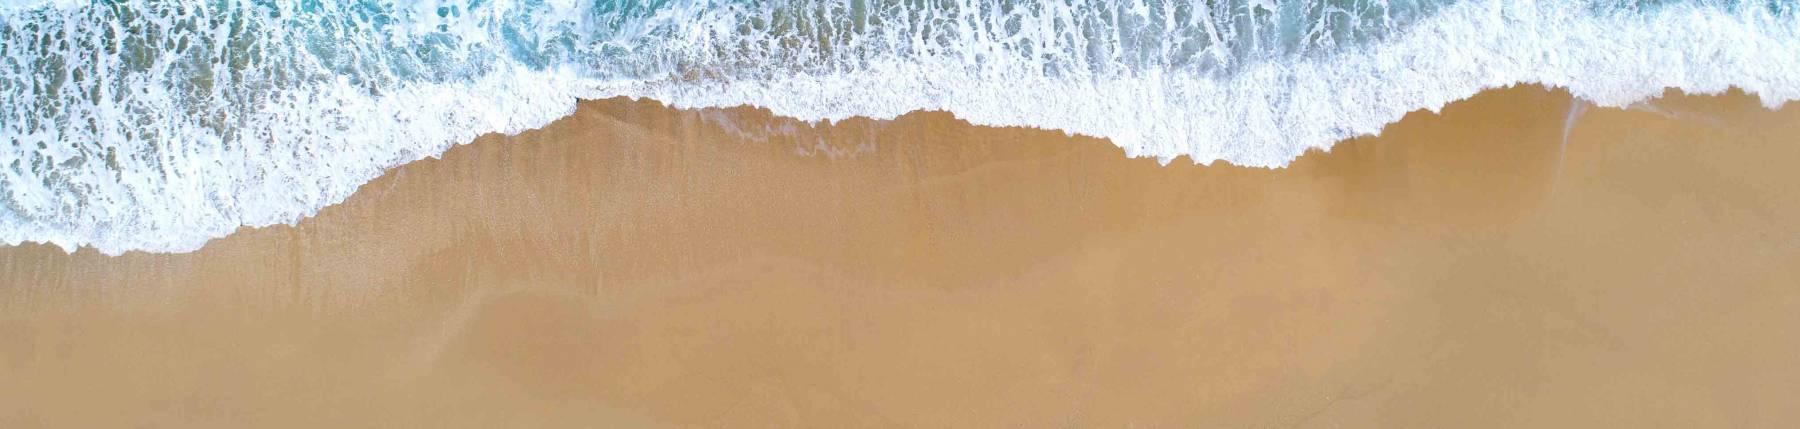 Sand and waves on Port Aransas Beach